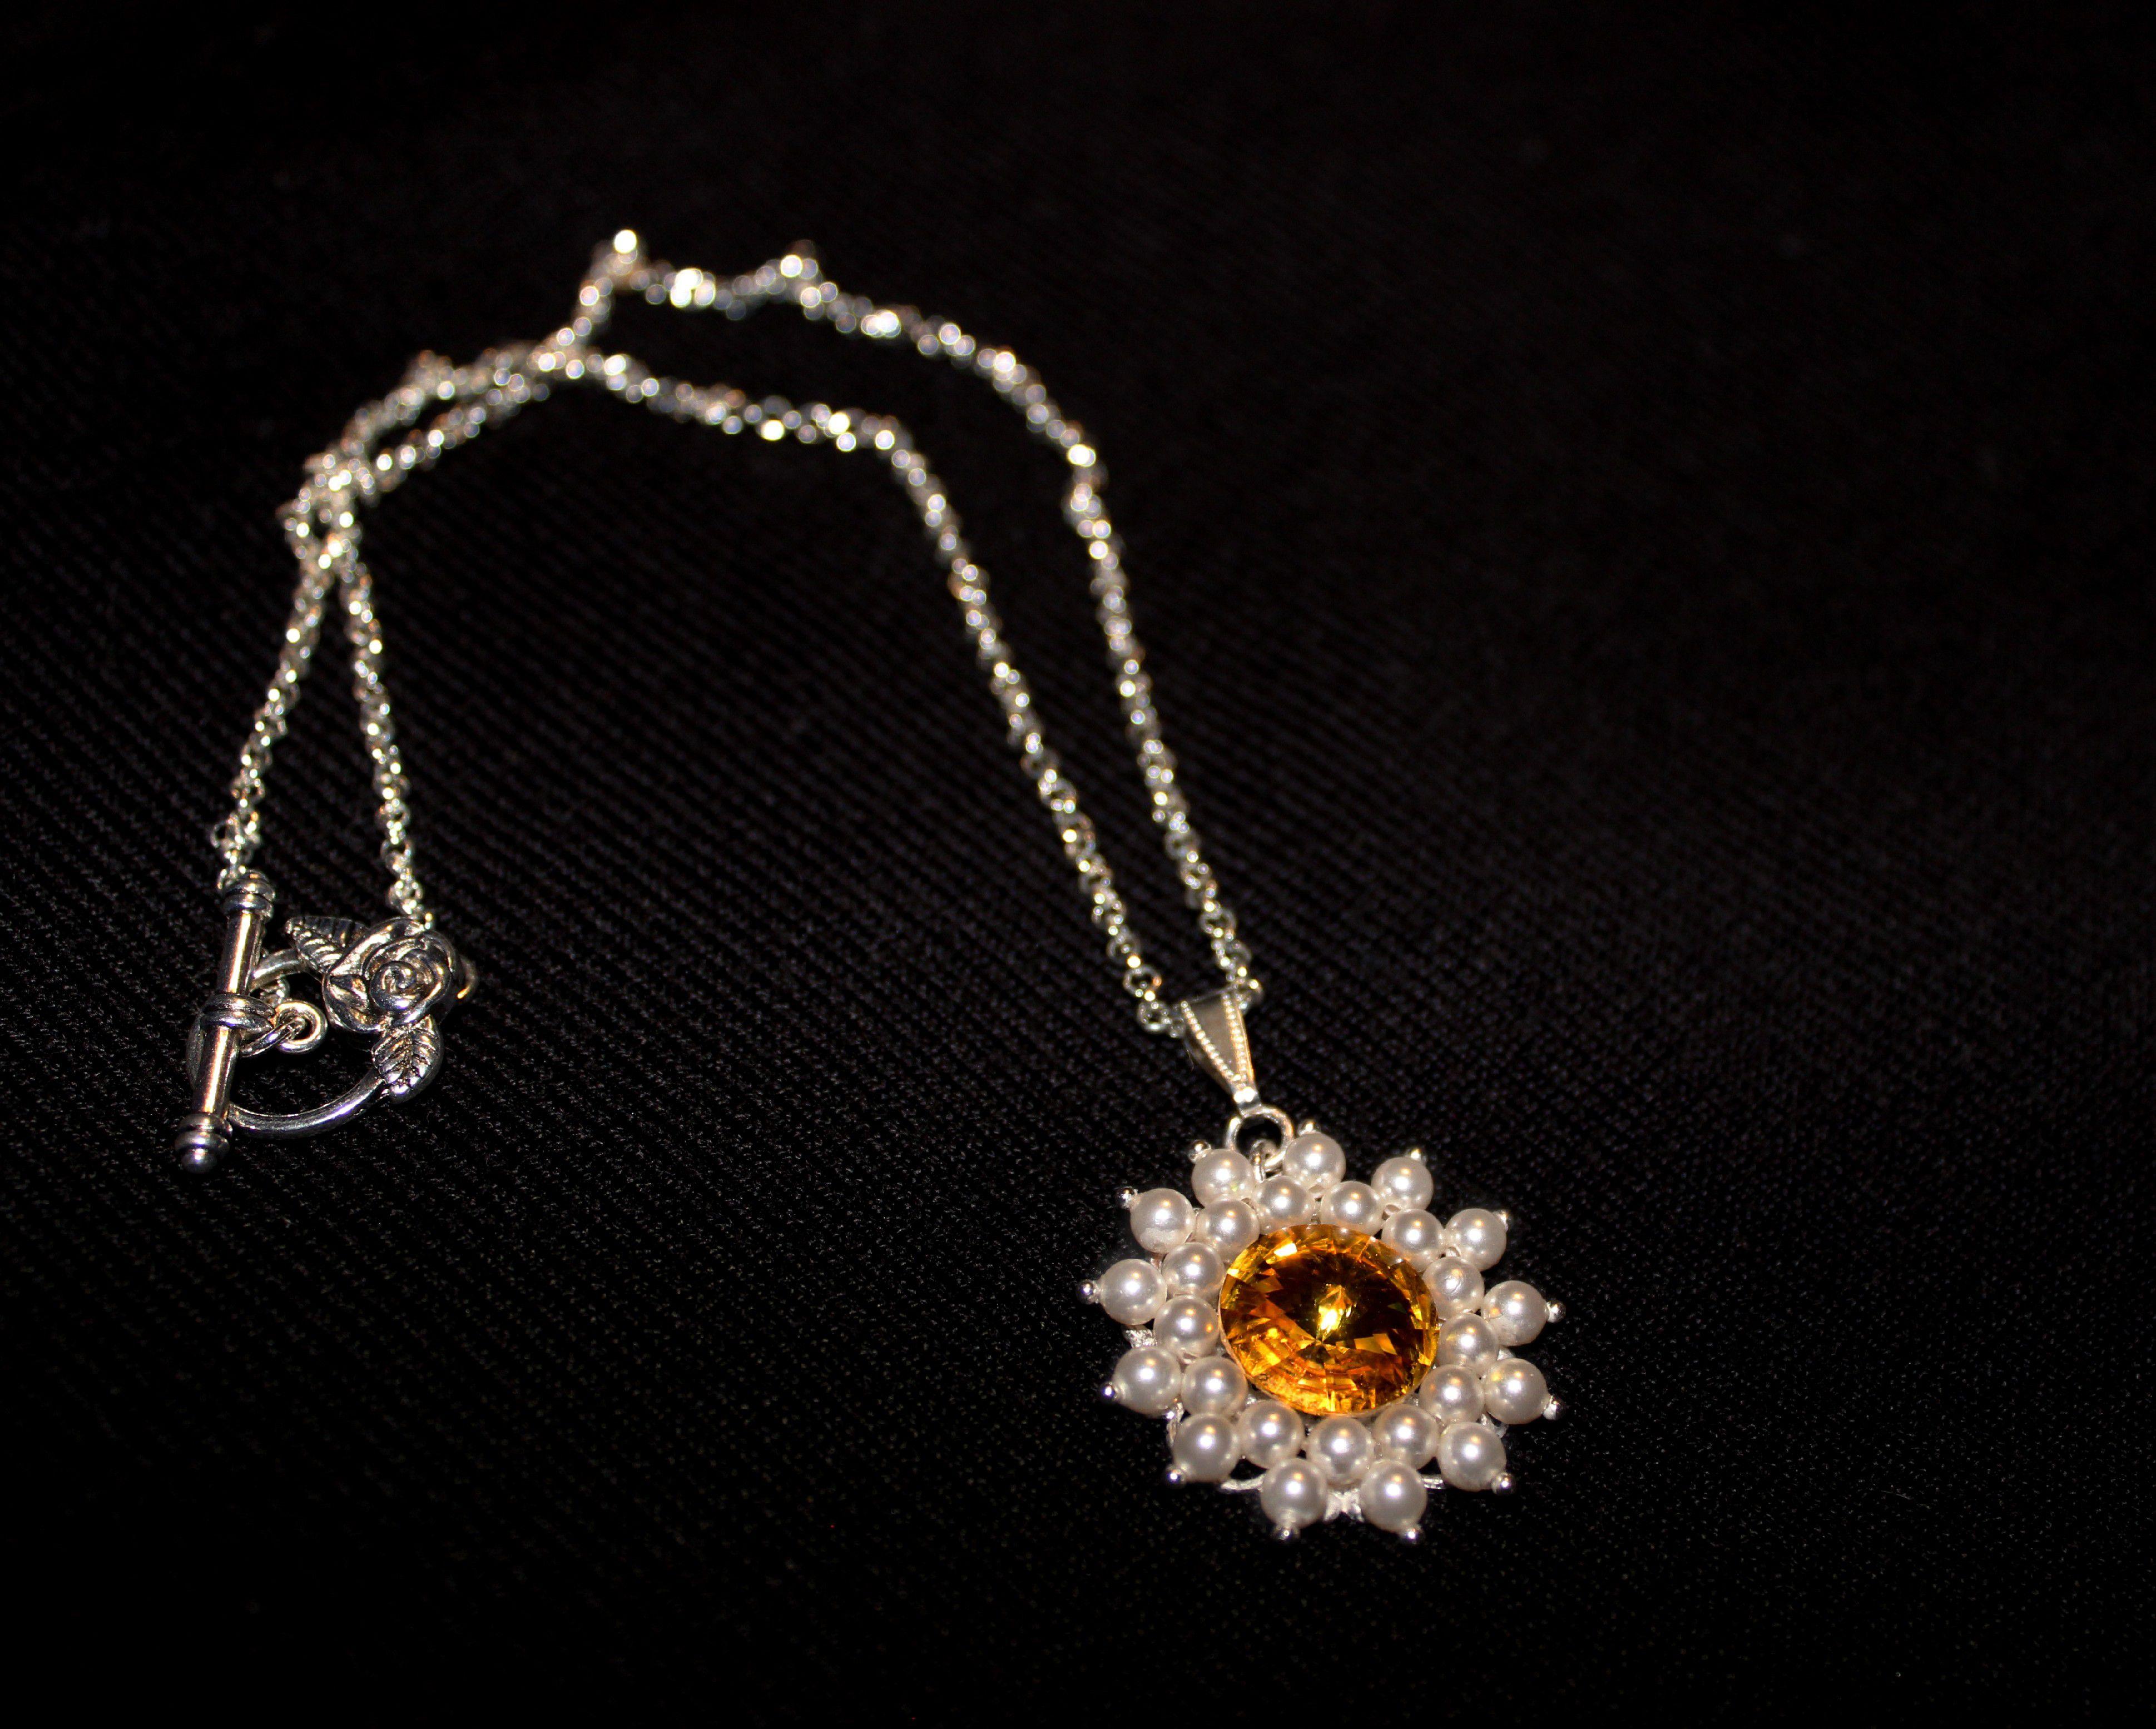 круглый кулон жемчуг сваровски цветок солнце яркий желтый кристалл украшения подвеска белый бижутерия